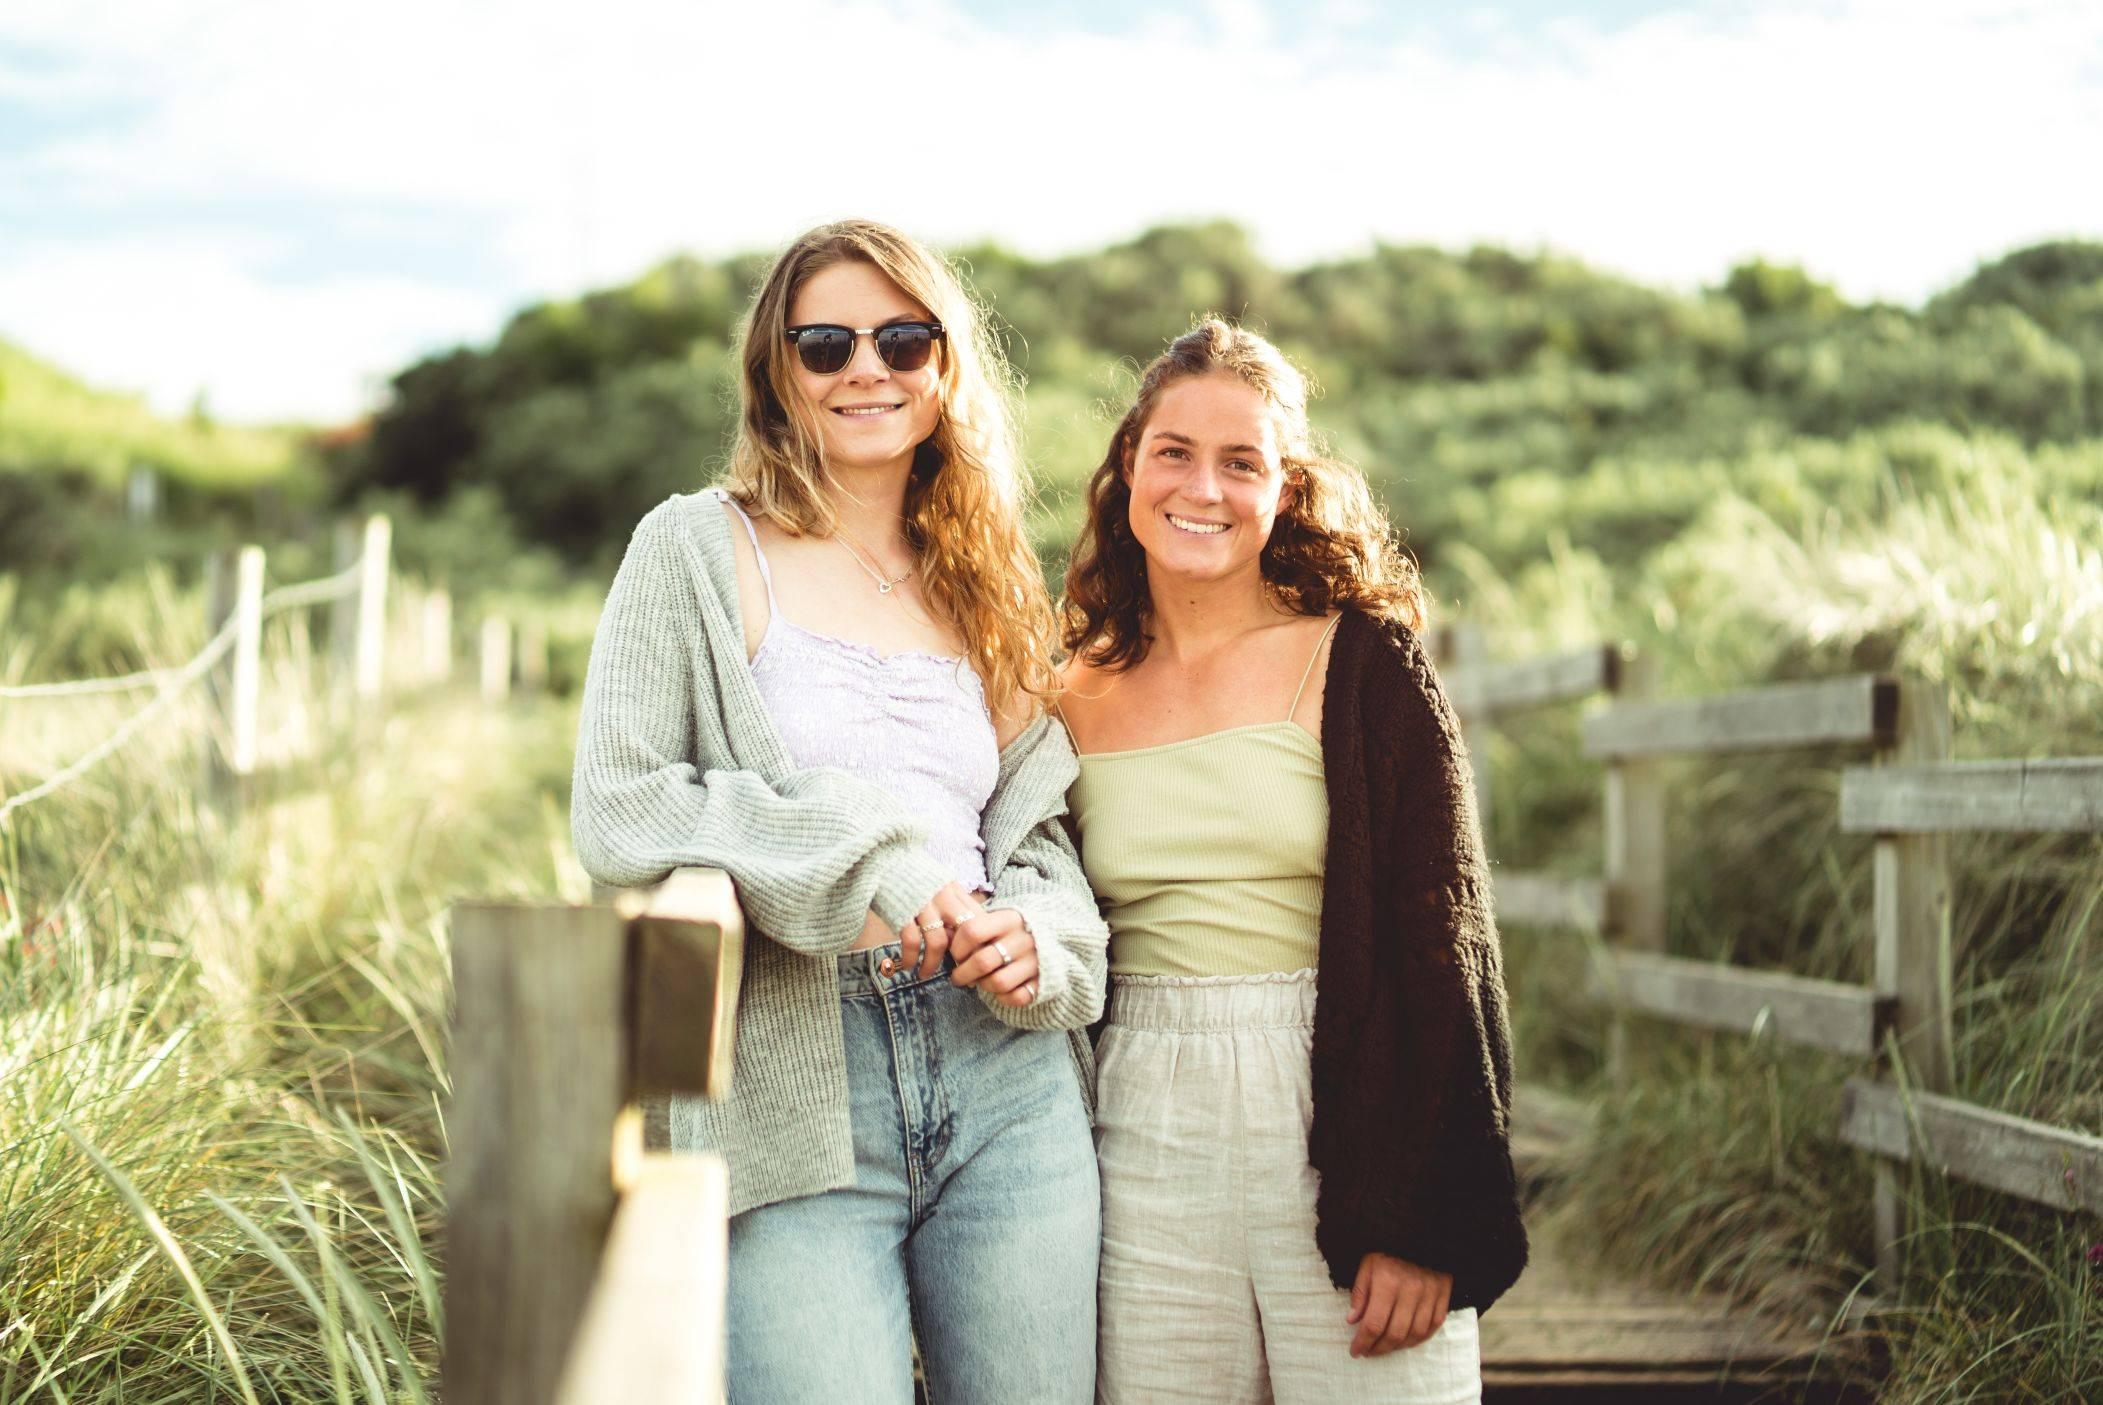 Chloe and Georgie On Beach